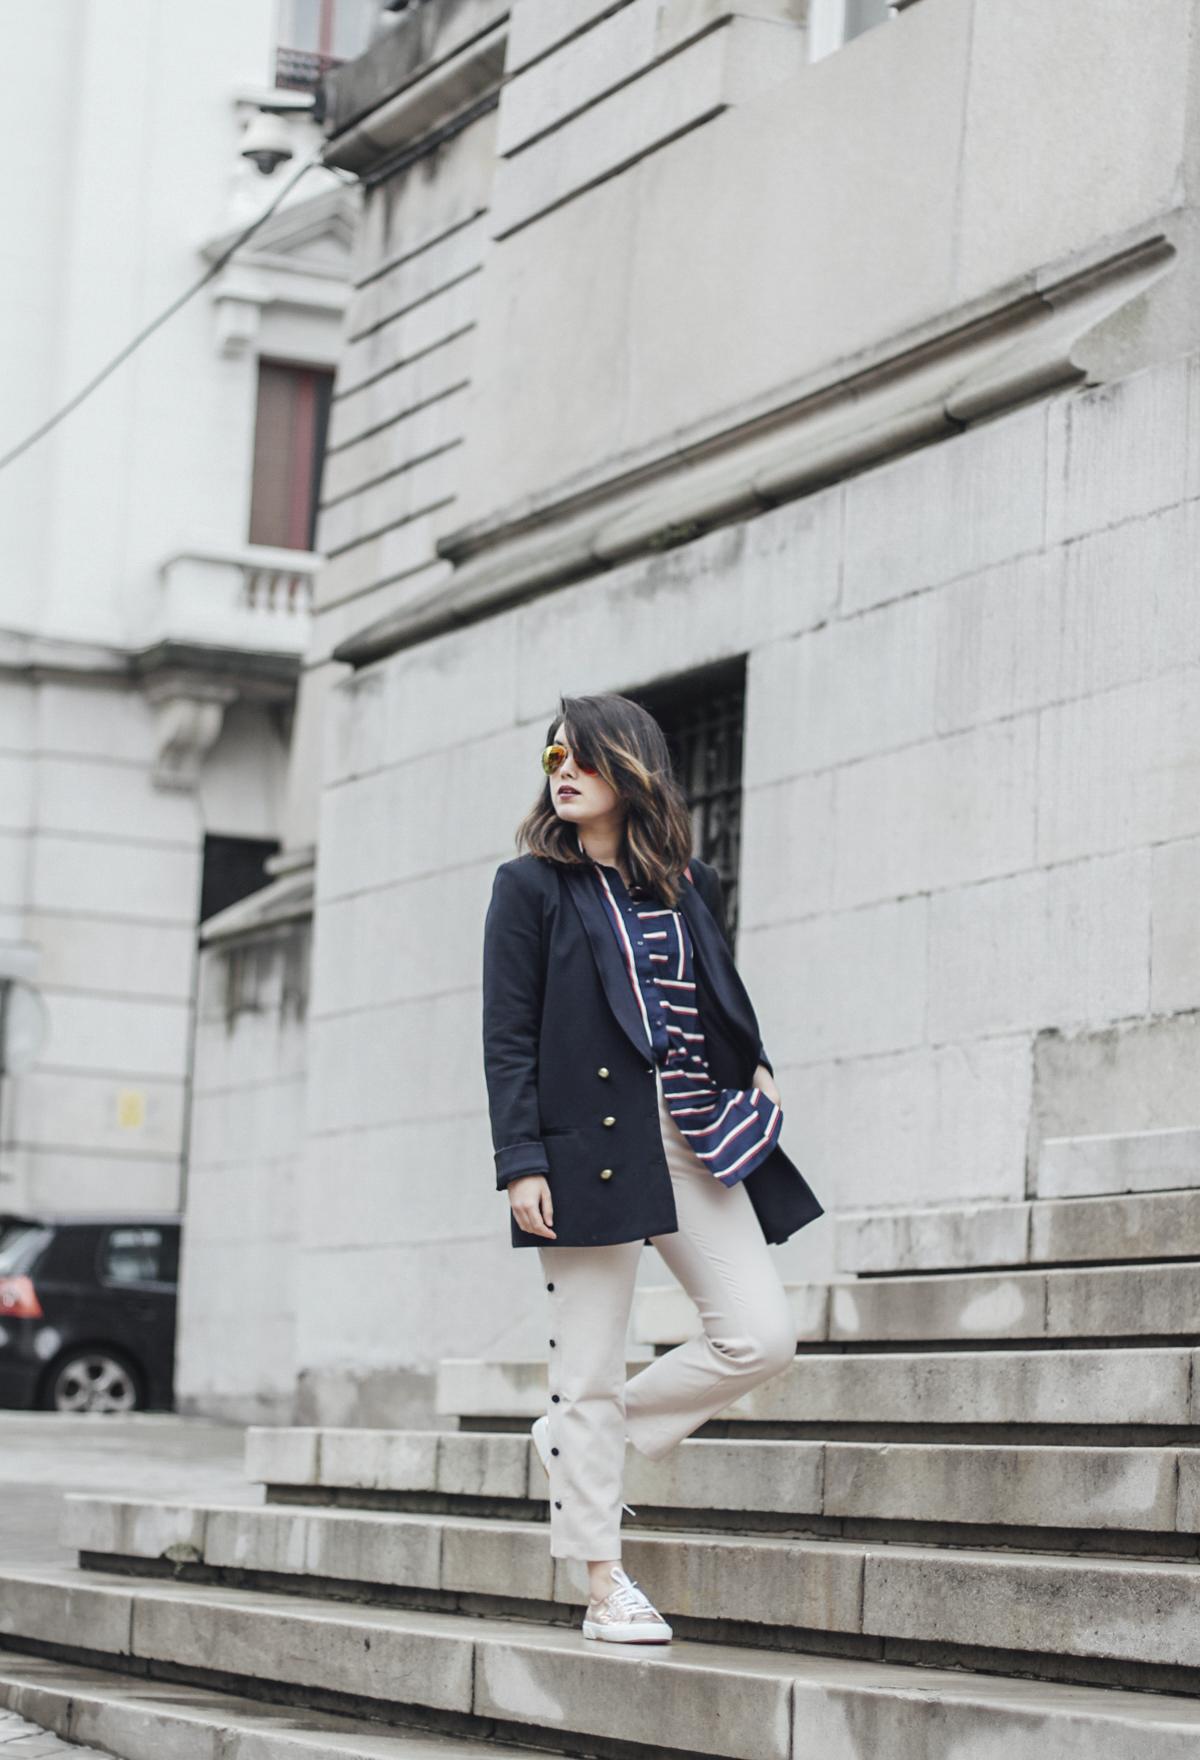 blusa de rayas azul marino asos pantalon beige de traje bolso metropolis furla gafas espejo streetstyle superga oro rosa leztin street 10